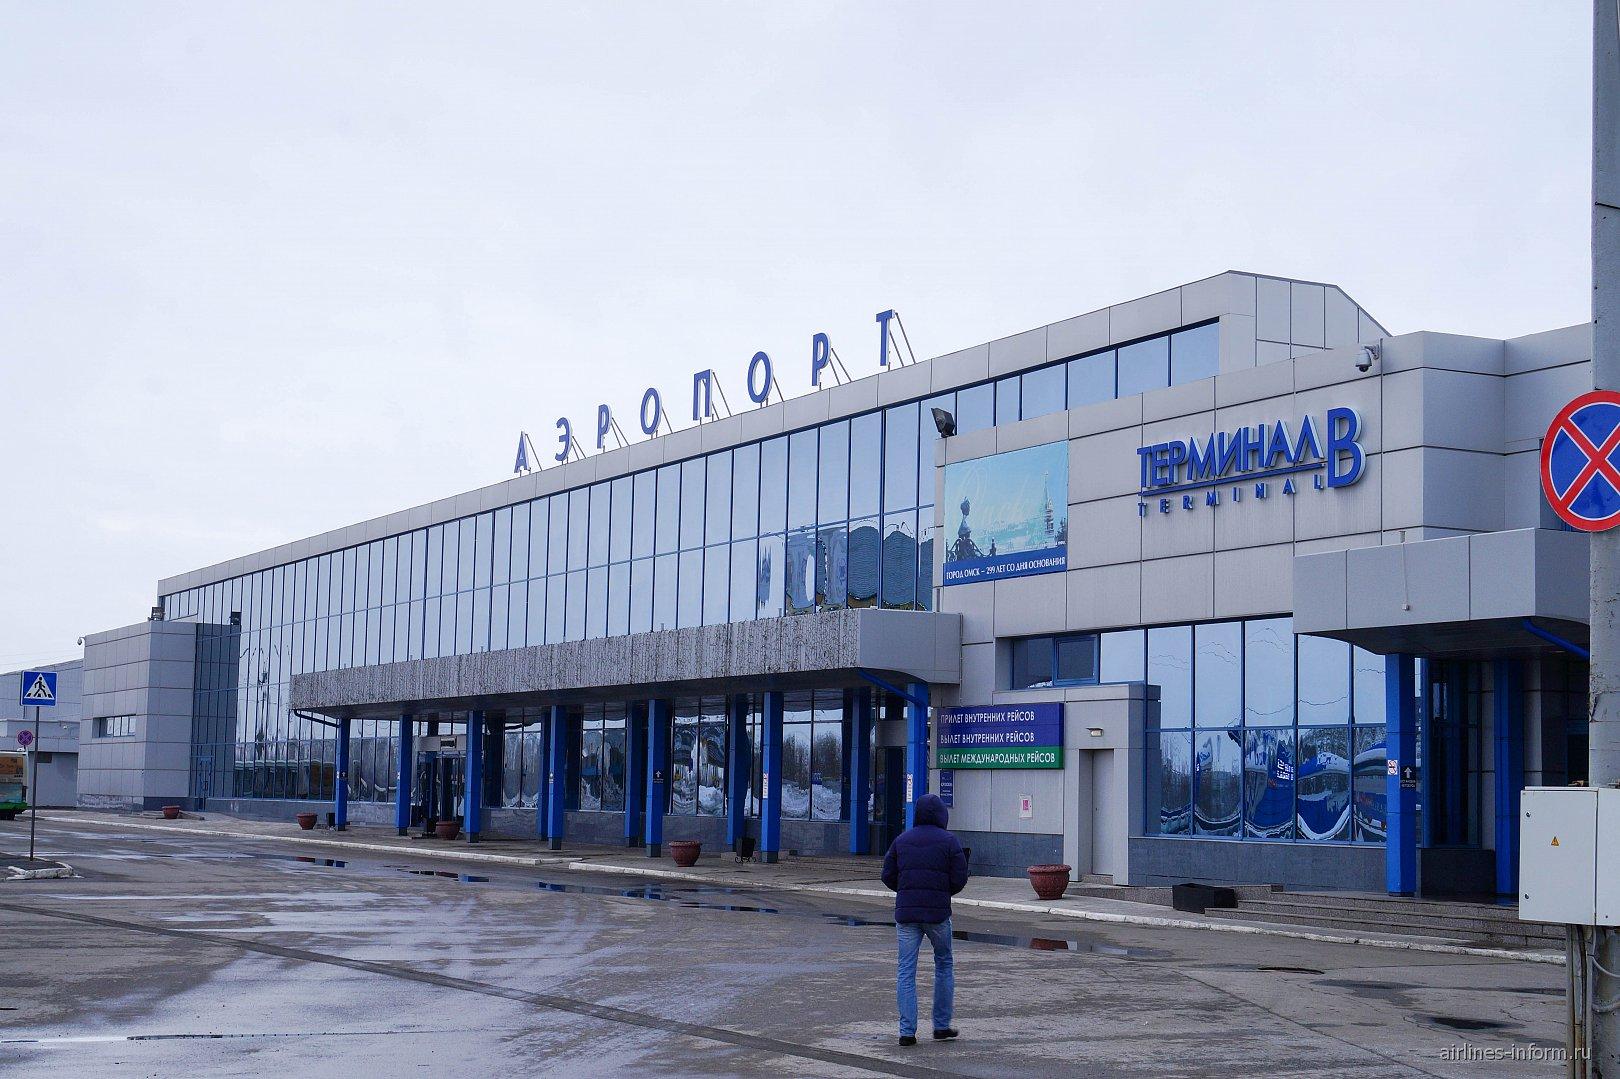 Терминал B аэропорта Омск Центральный